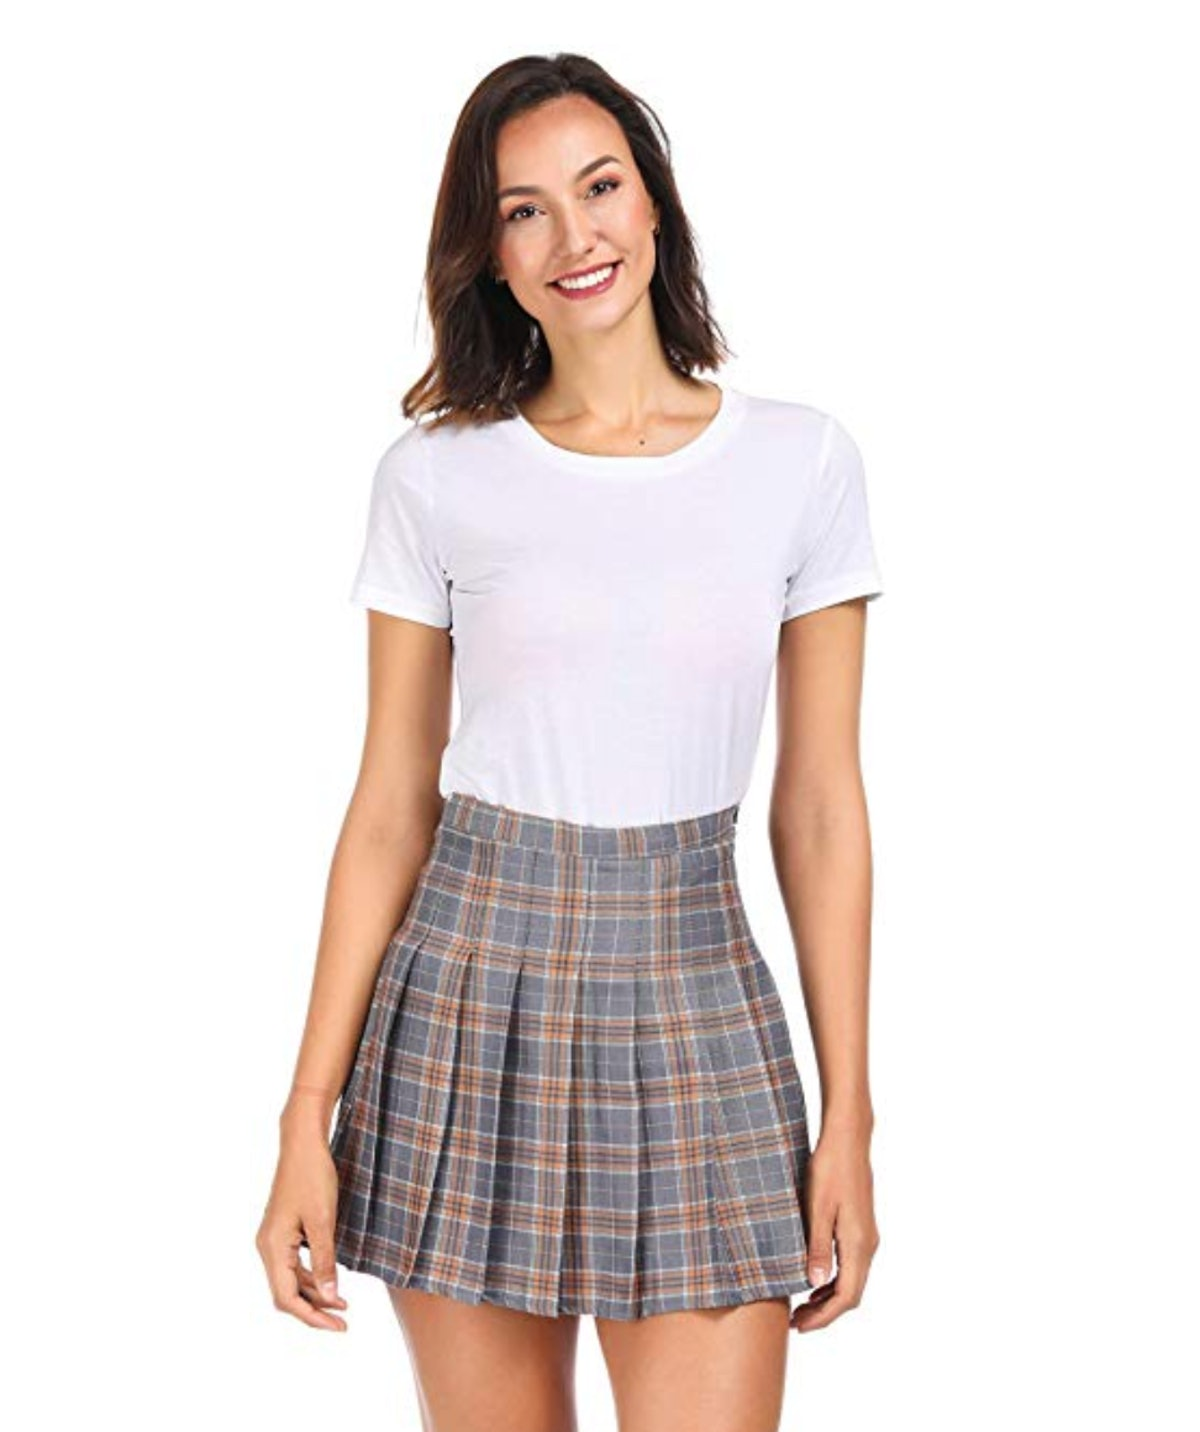 Clarisbelle Women's Plaid Skirt